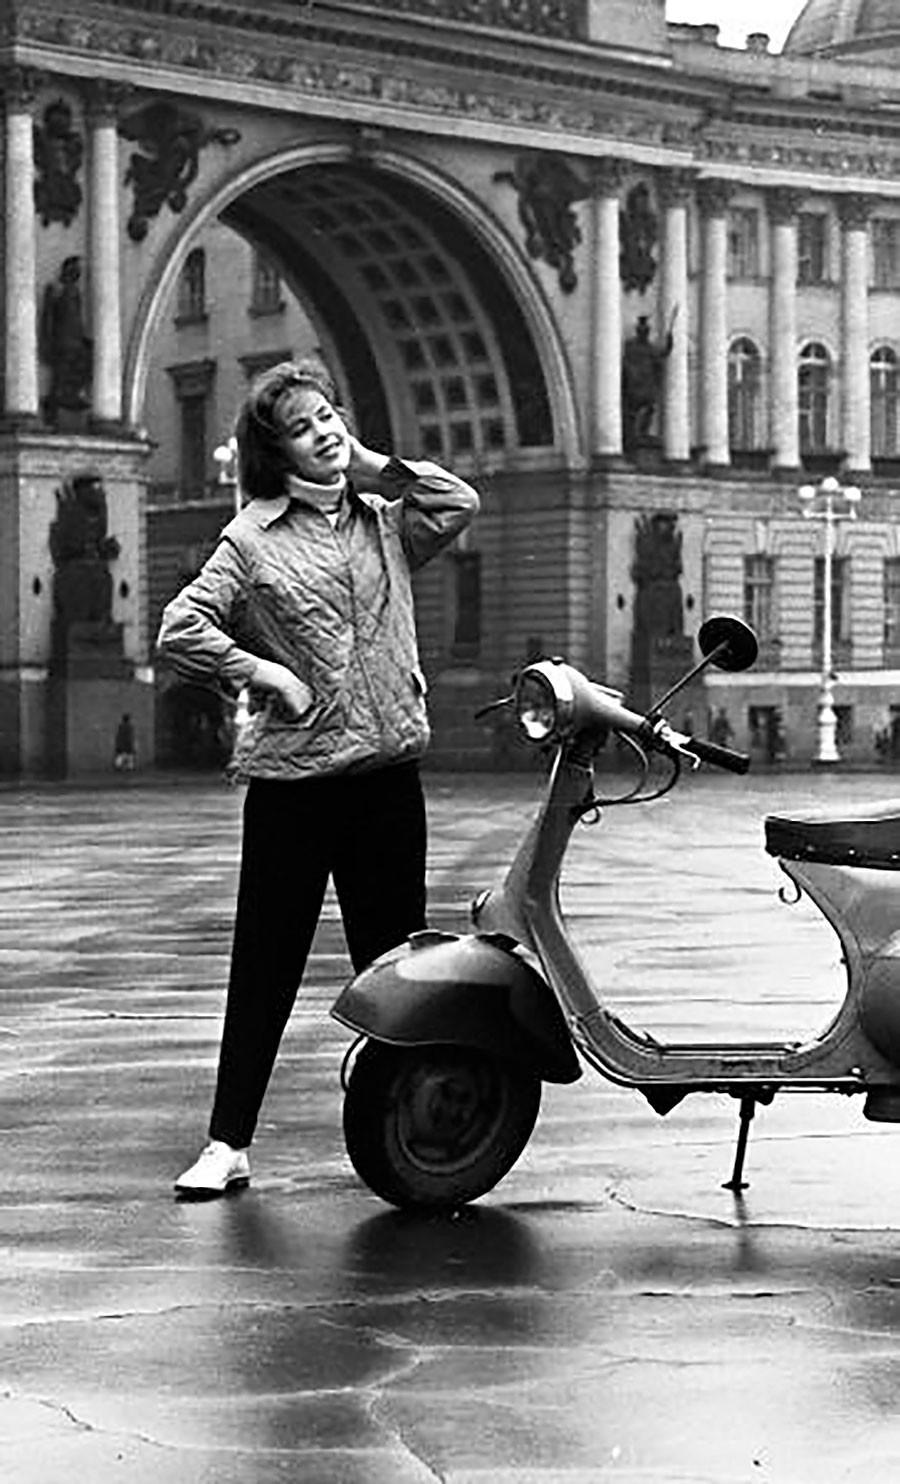 Une silhouette féminine devant l'arc de l'état-major à Leningrad, années 1960